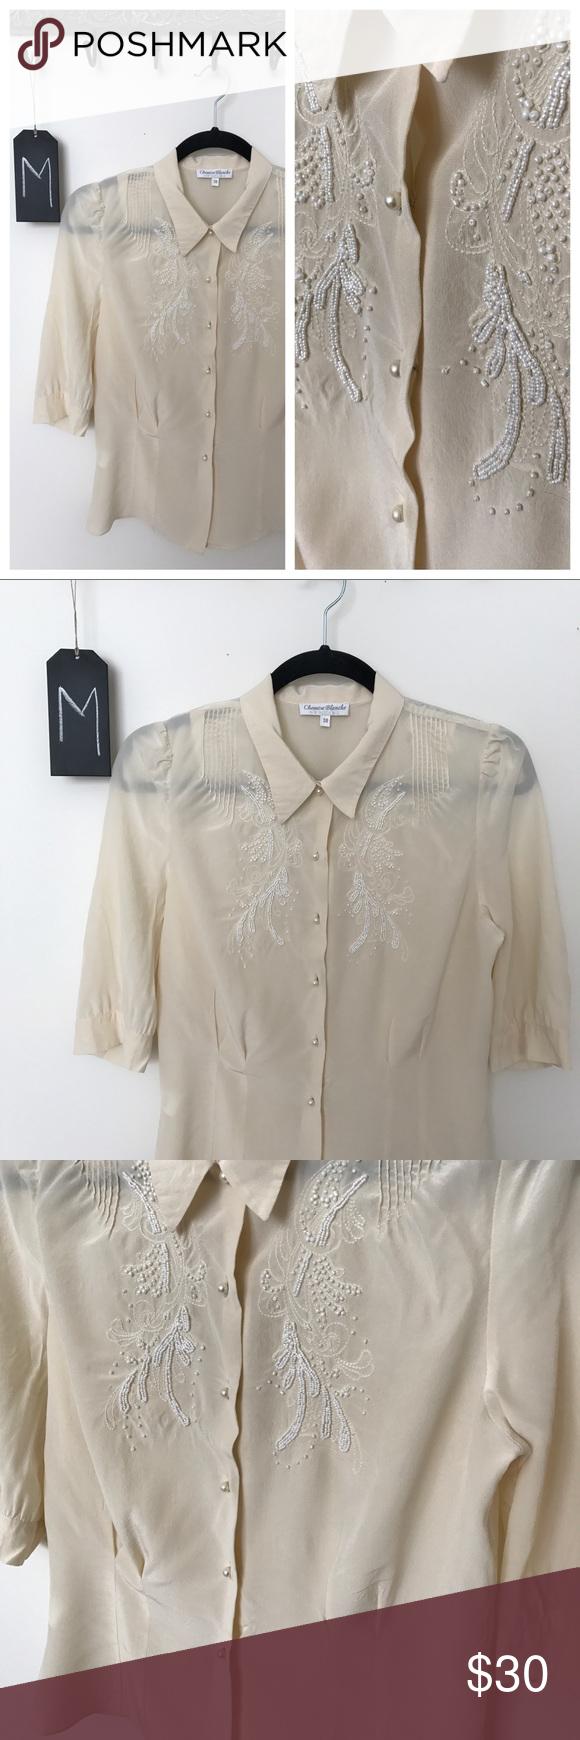 Vintage Chemise Blanche Ventilo Beaded Silk M Clothes Design Vintage Tops Fashion